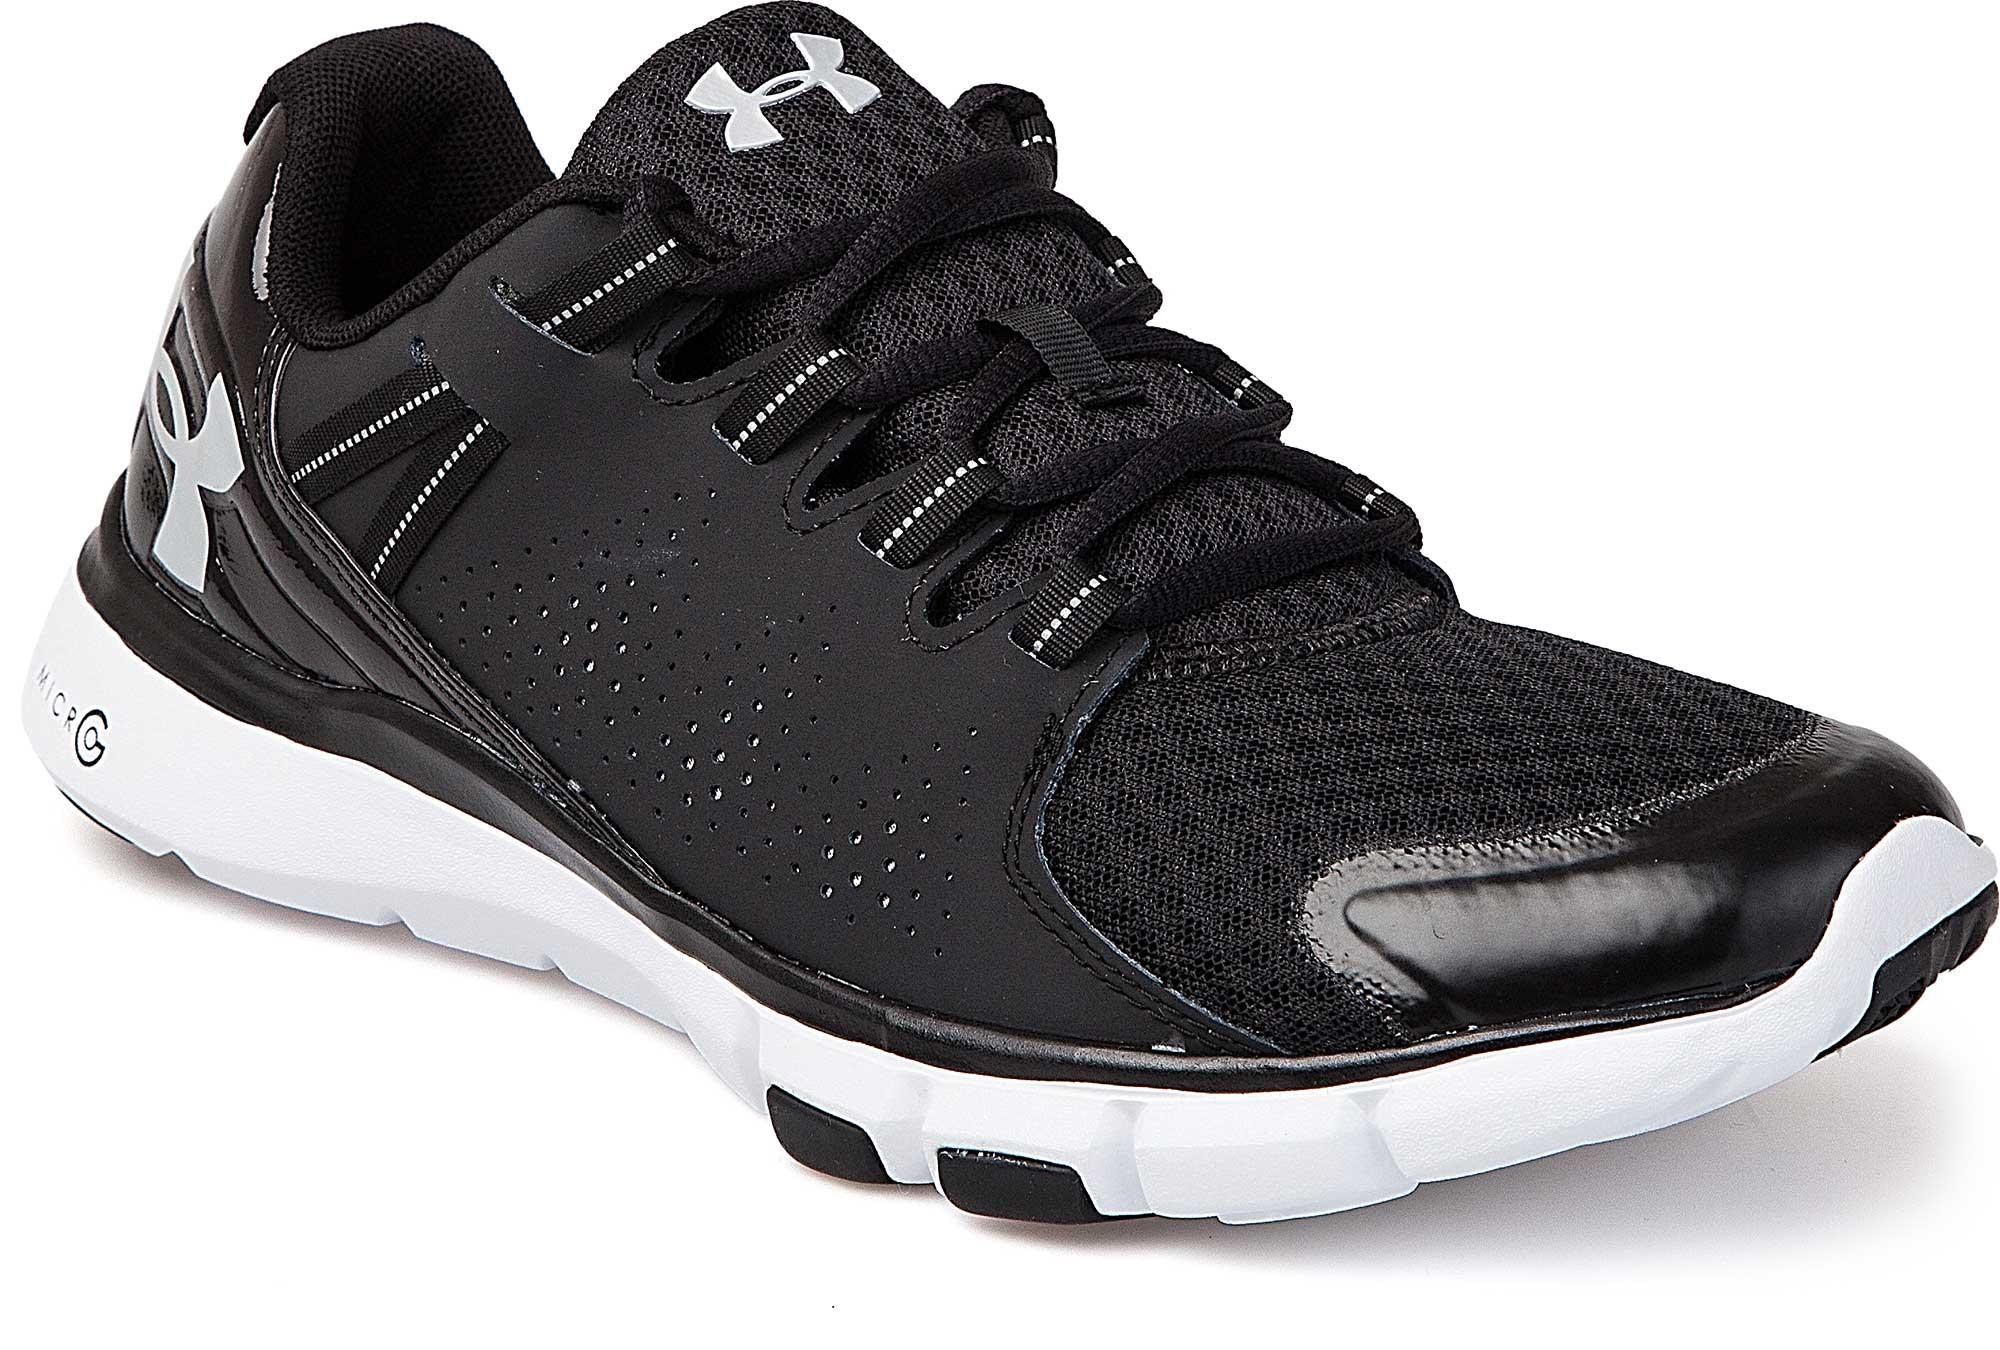 Mens Shoes Under